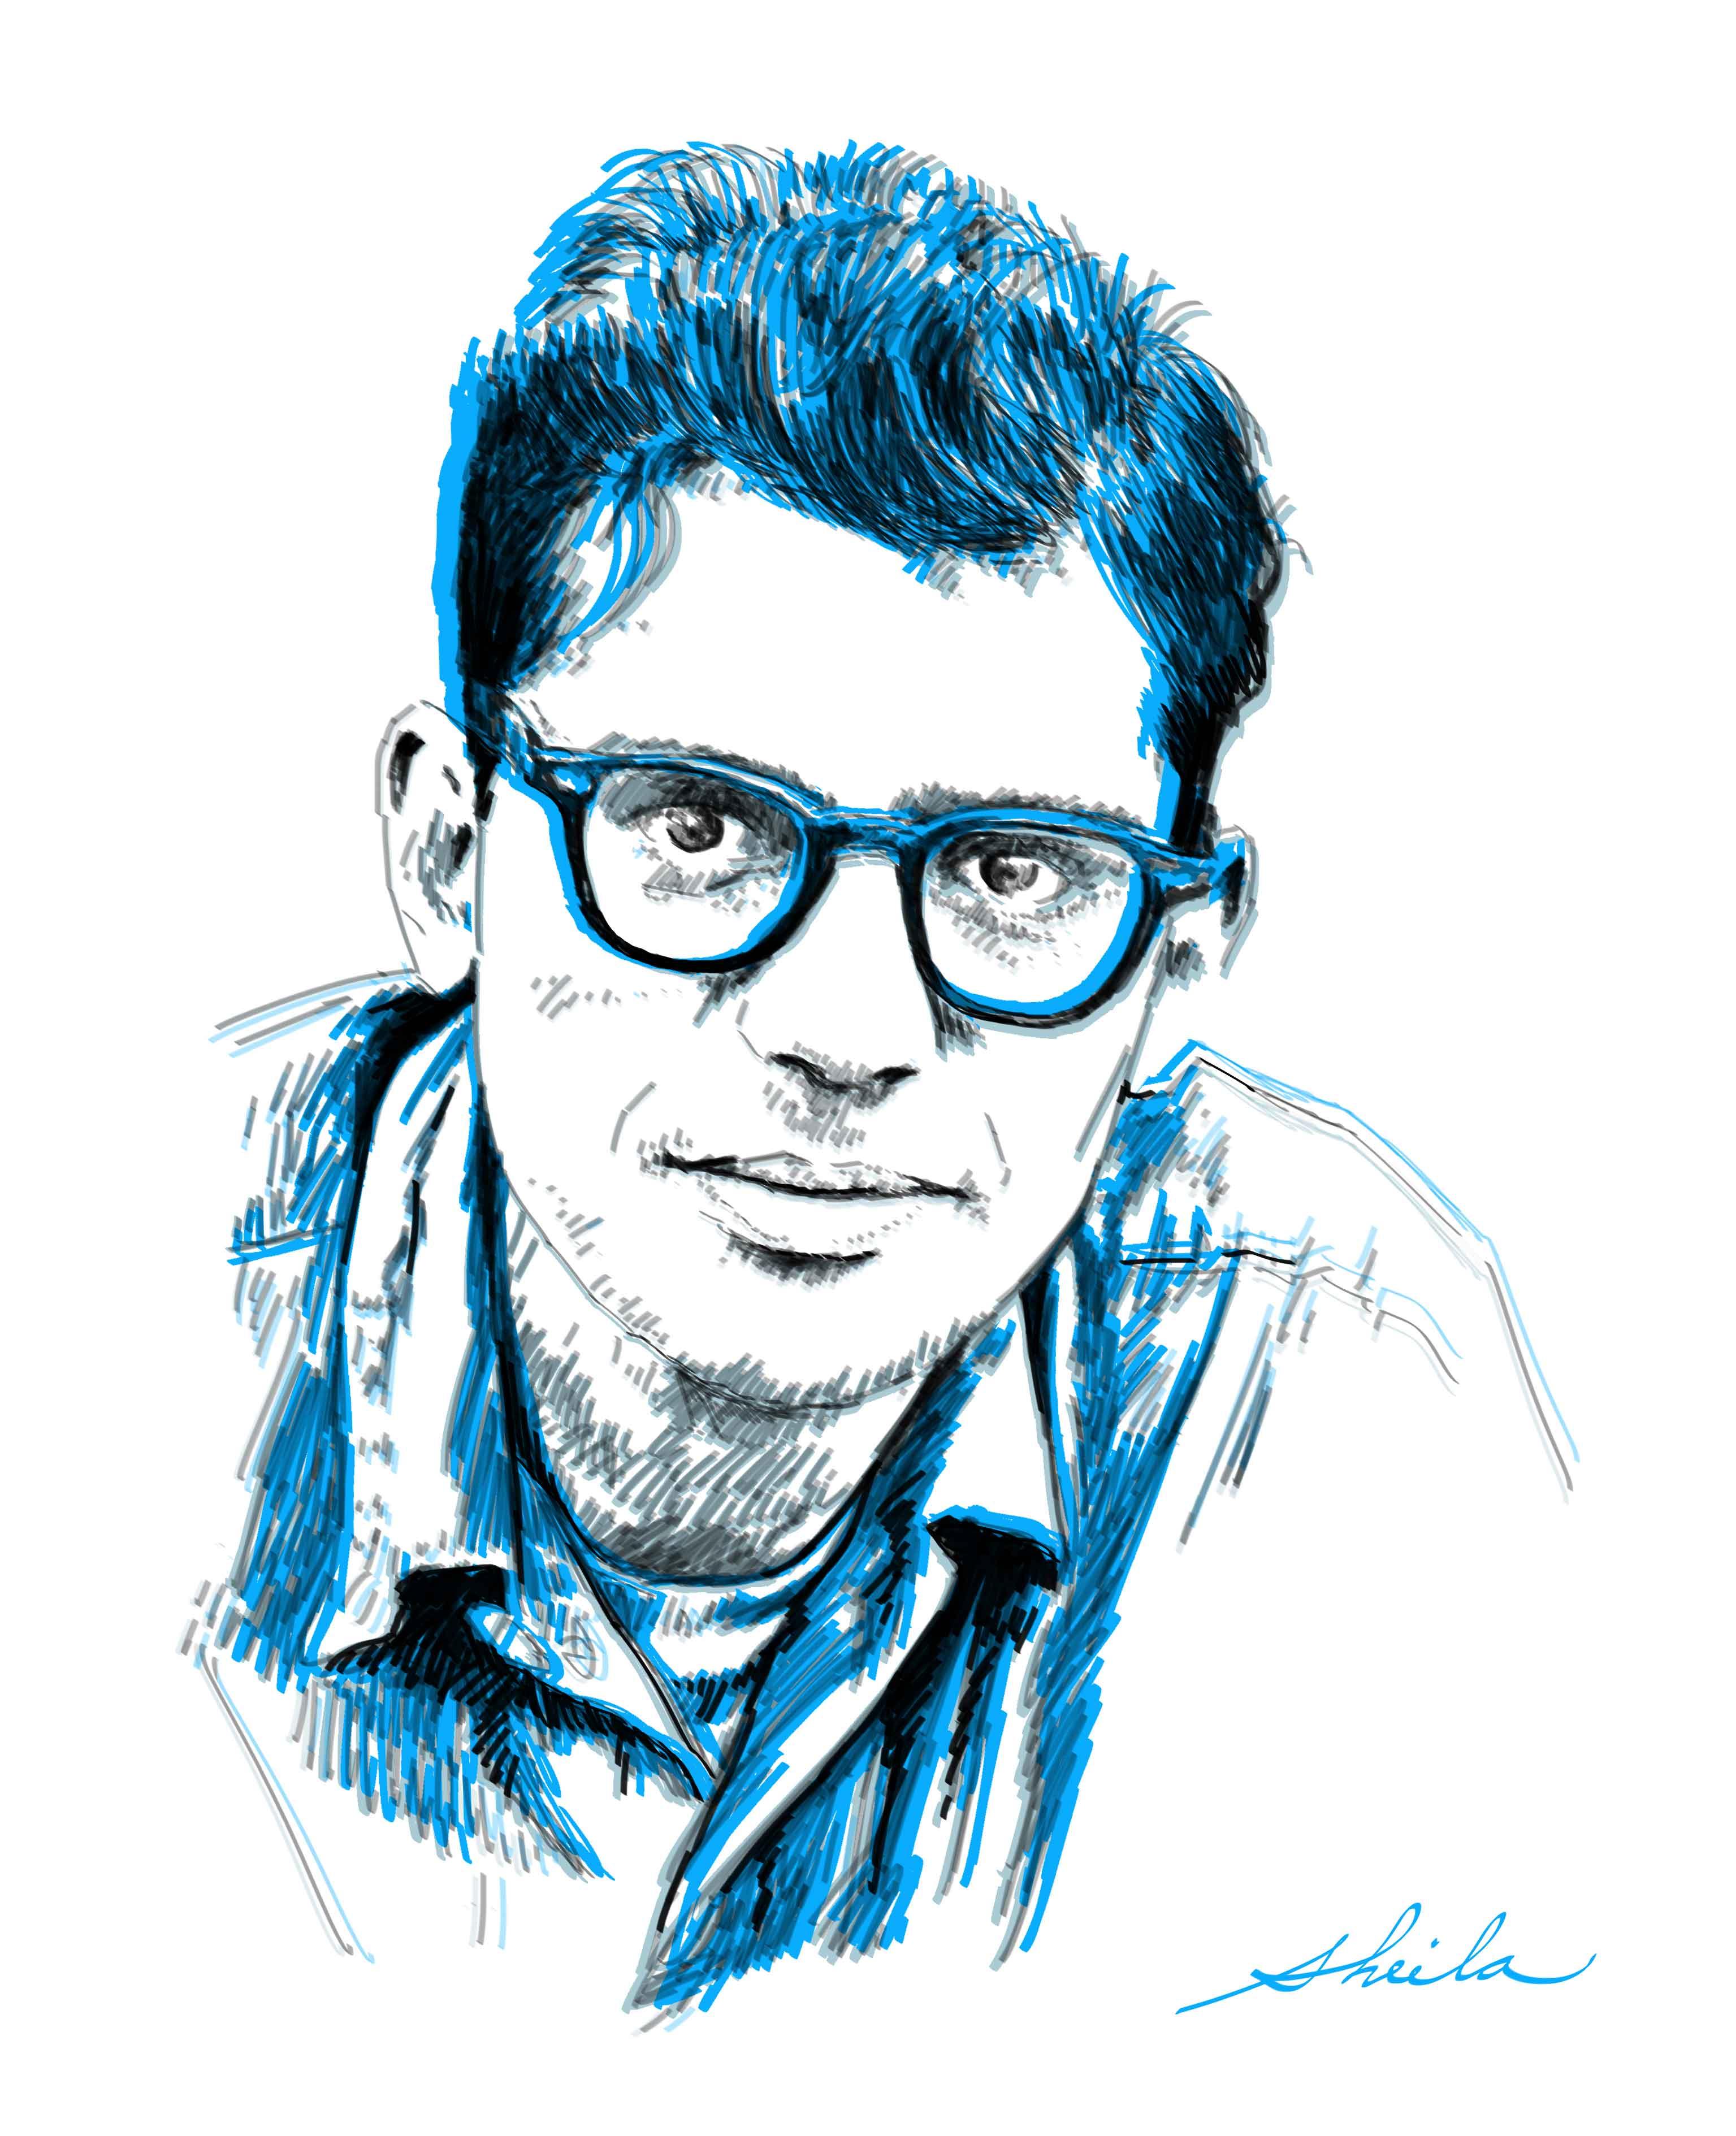 Retrato del poeta Allen Ginsberg por la artista plástica Sheila Alvarado.